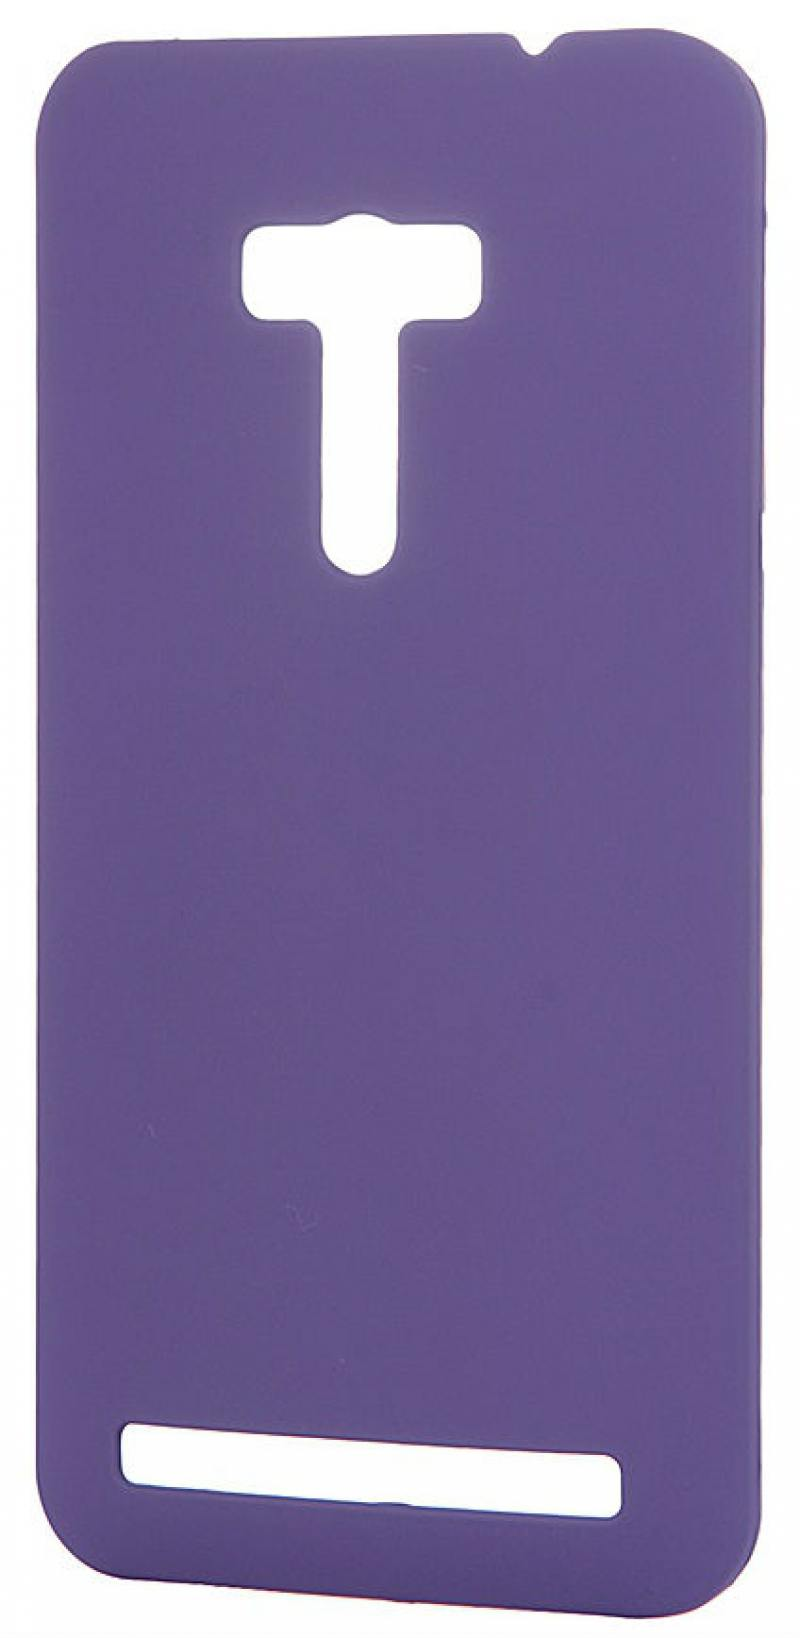 Чехол-накладка для Asus Zenfone Selfie ZD551KL Pulsar CLIPCASE PC Soft-Touch РСС0150 Blue клип-кейс, пластик стоимость